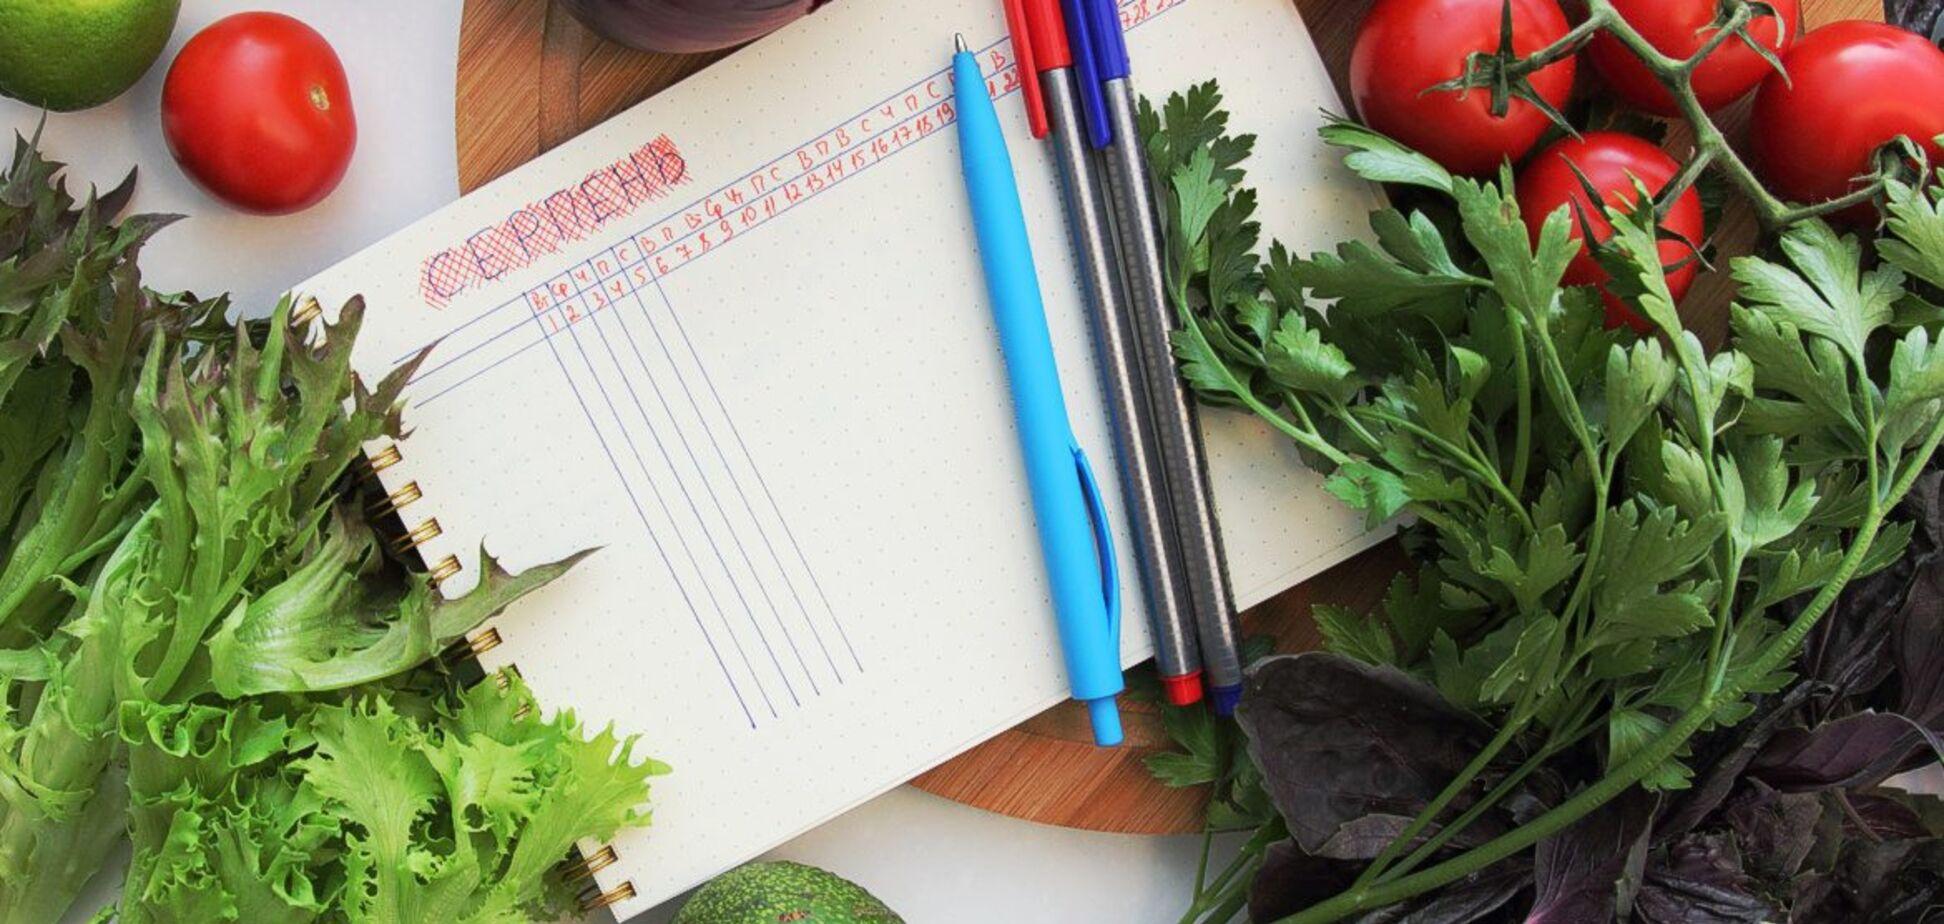 Увлечение здоровым питанием: правильно или нет